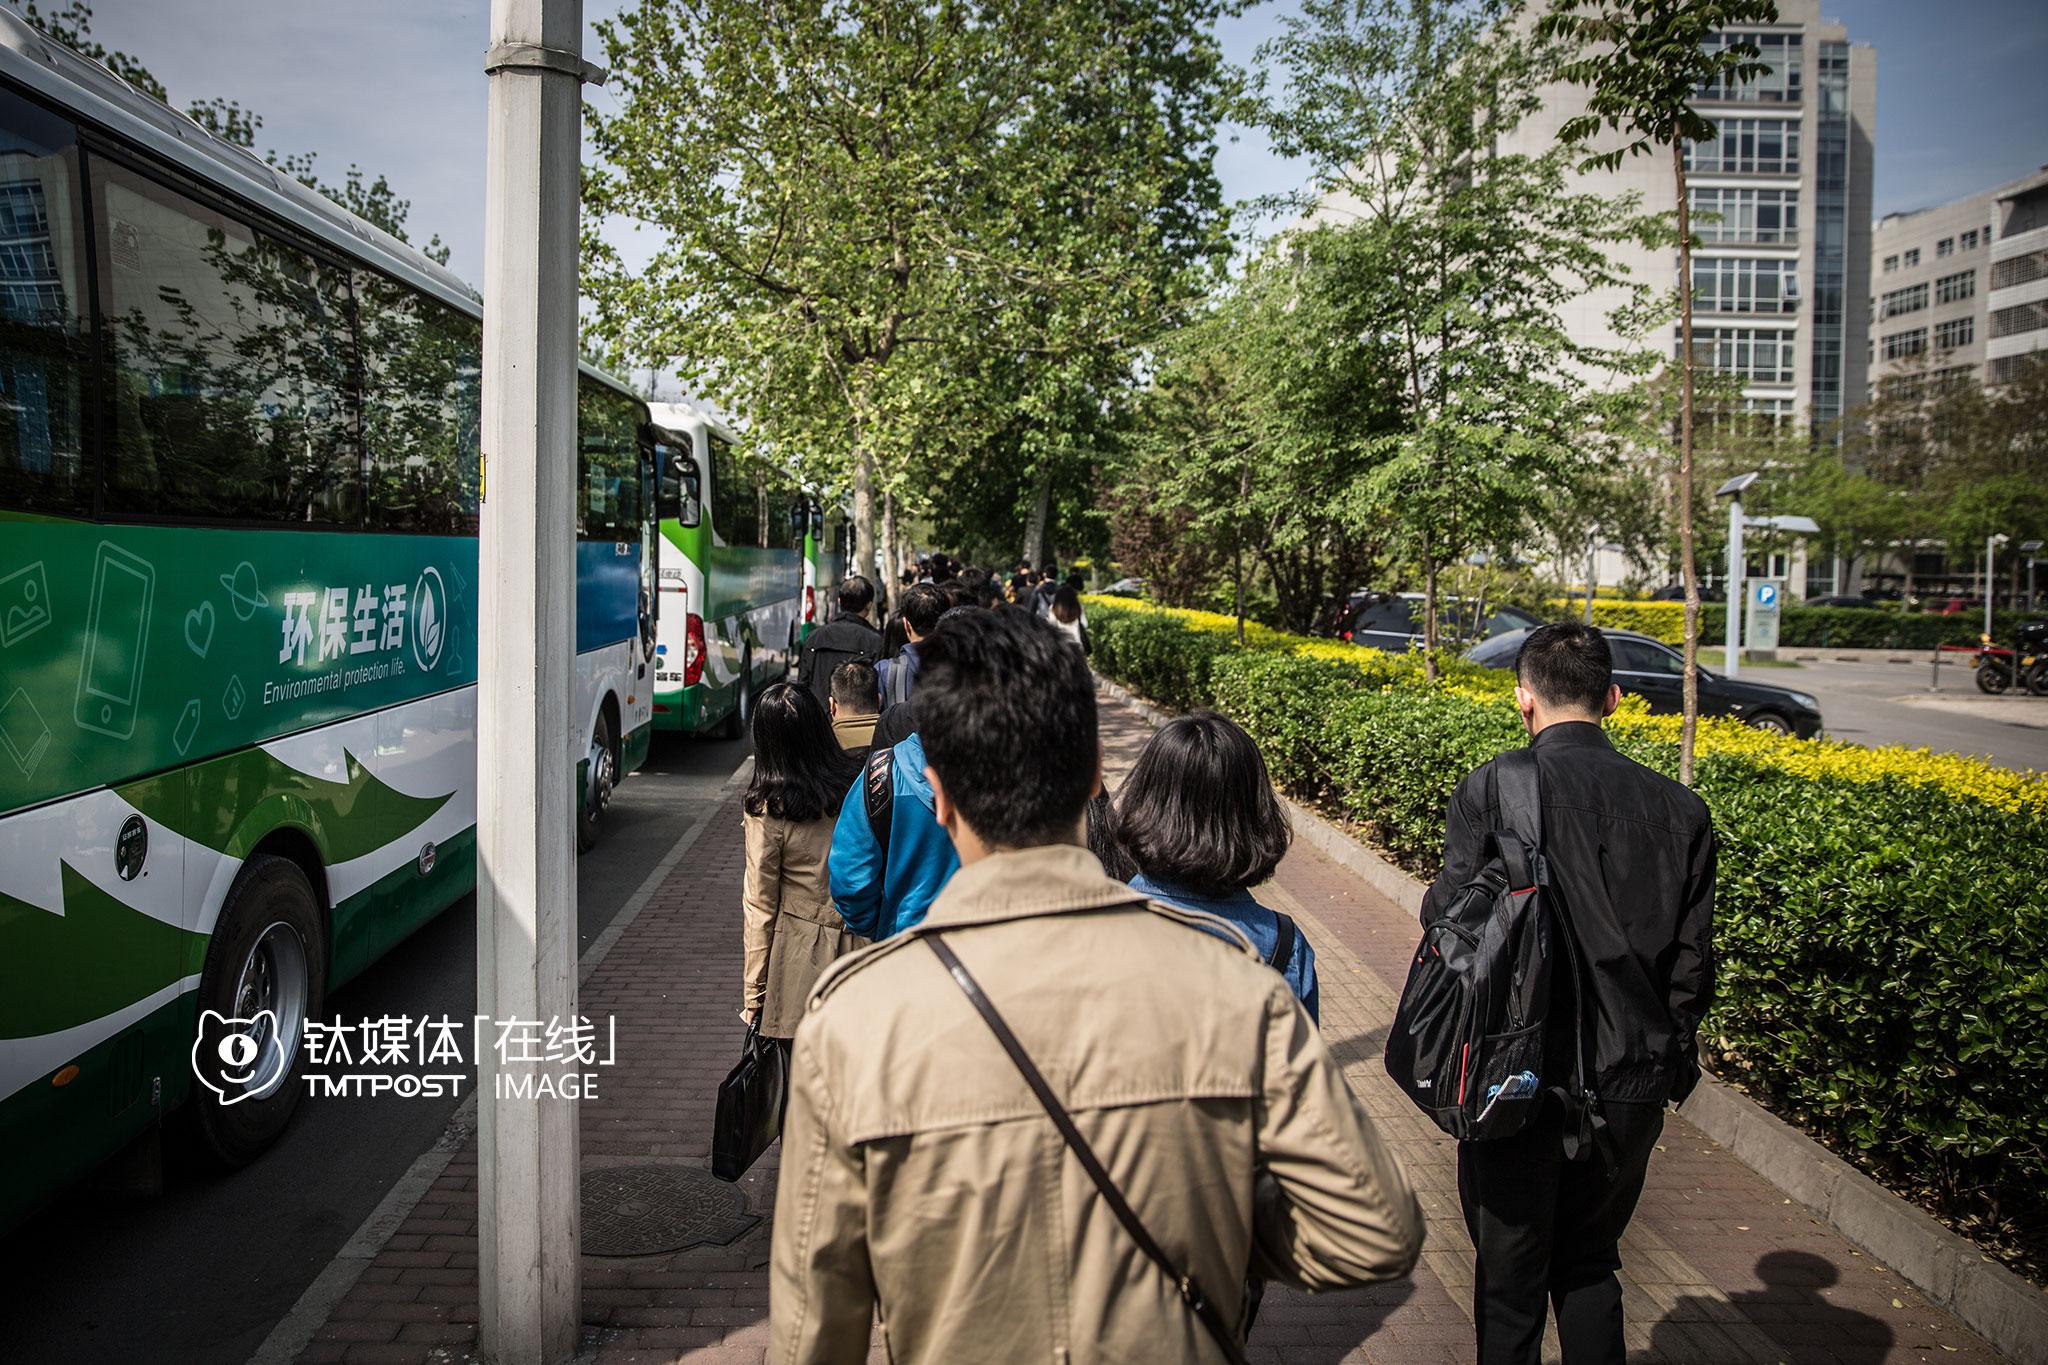 百度大厦外,排队等待发往其他办公点班车的百度员工。上地遍布了中国互联网行业的明星企业:滴滴、联想、百度、小米……另外网易、腾讯、新浪也宣布将迁入上地。